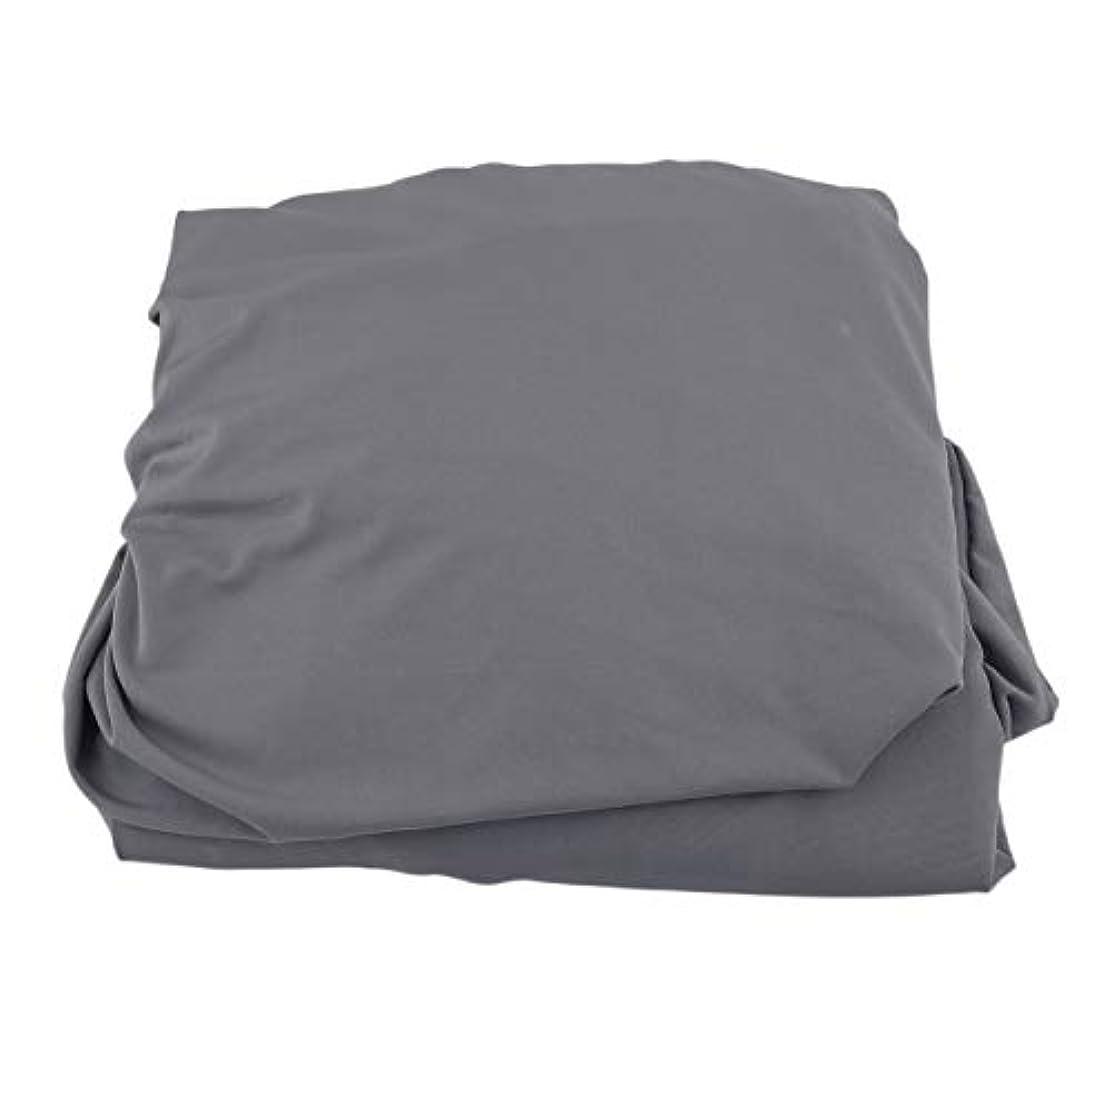 Saikogoods 弾性ポリエステルソファカバーピュアカラーストレッチ本のカバー柔軟な椅子Dustcoat耐久性のあるソファーカバー家具の布 グレー